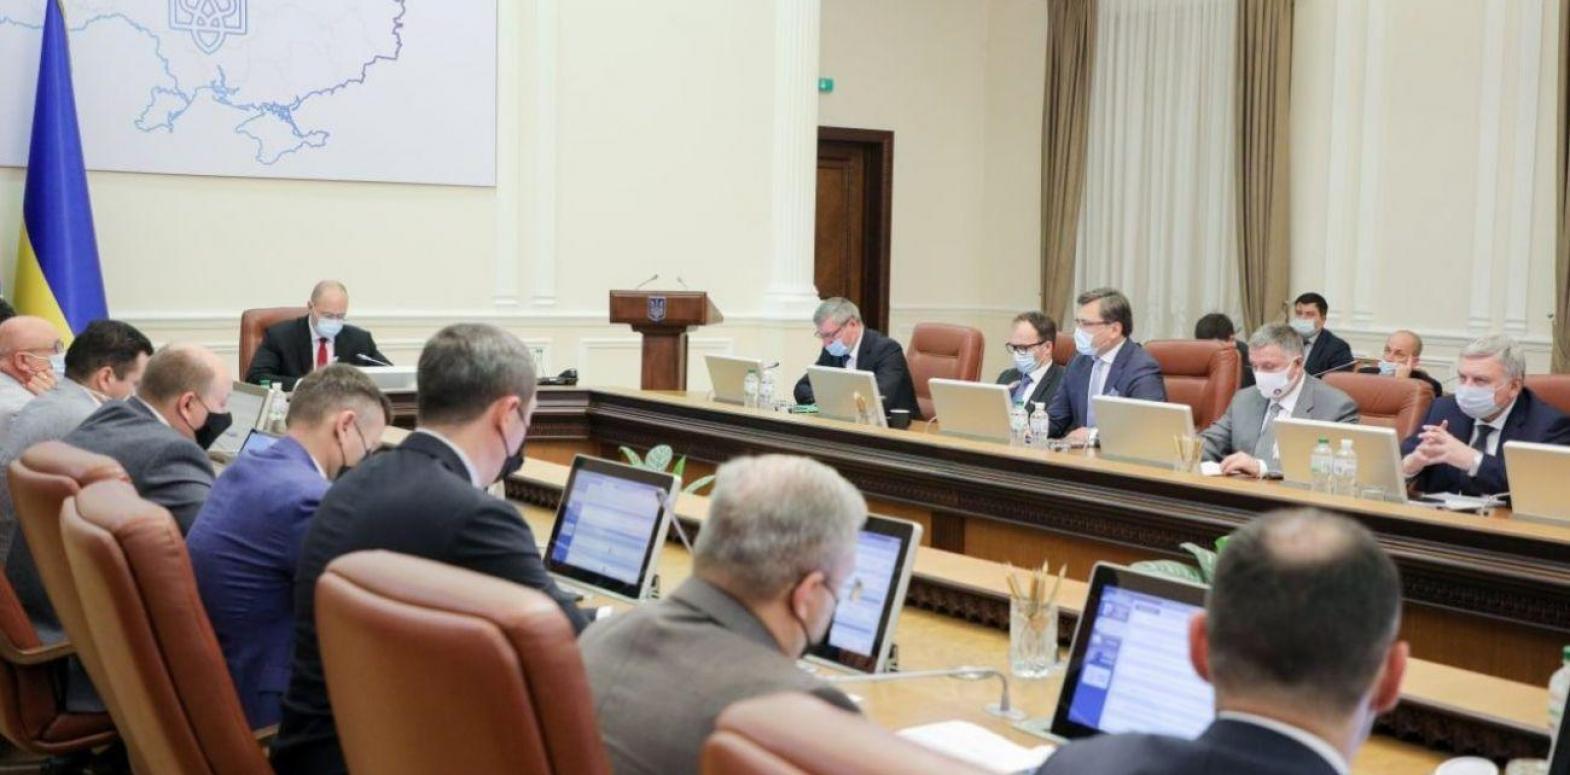 Украина расторгнет еще одно соглашение с СНГ в космической отрасли